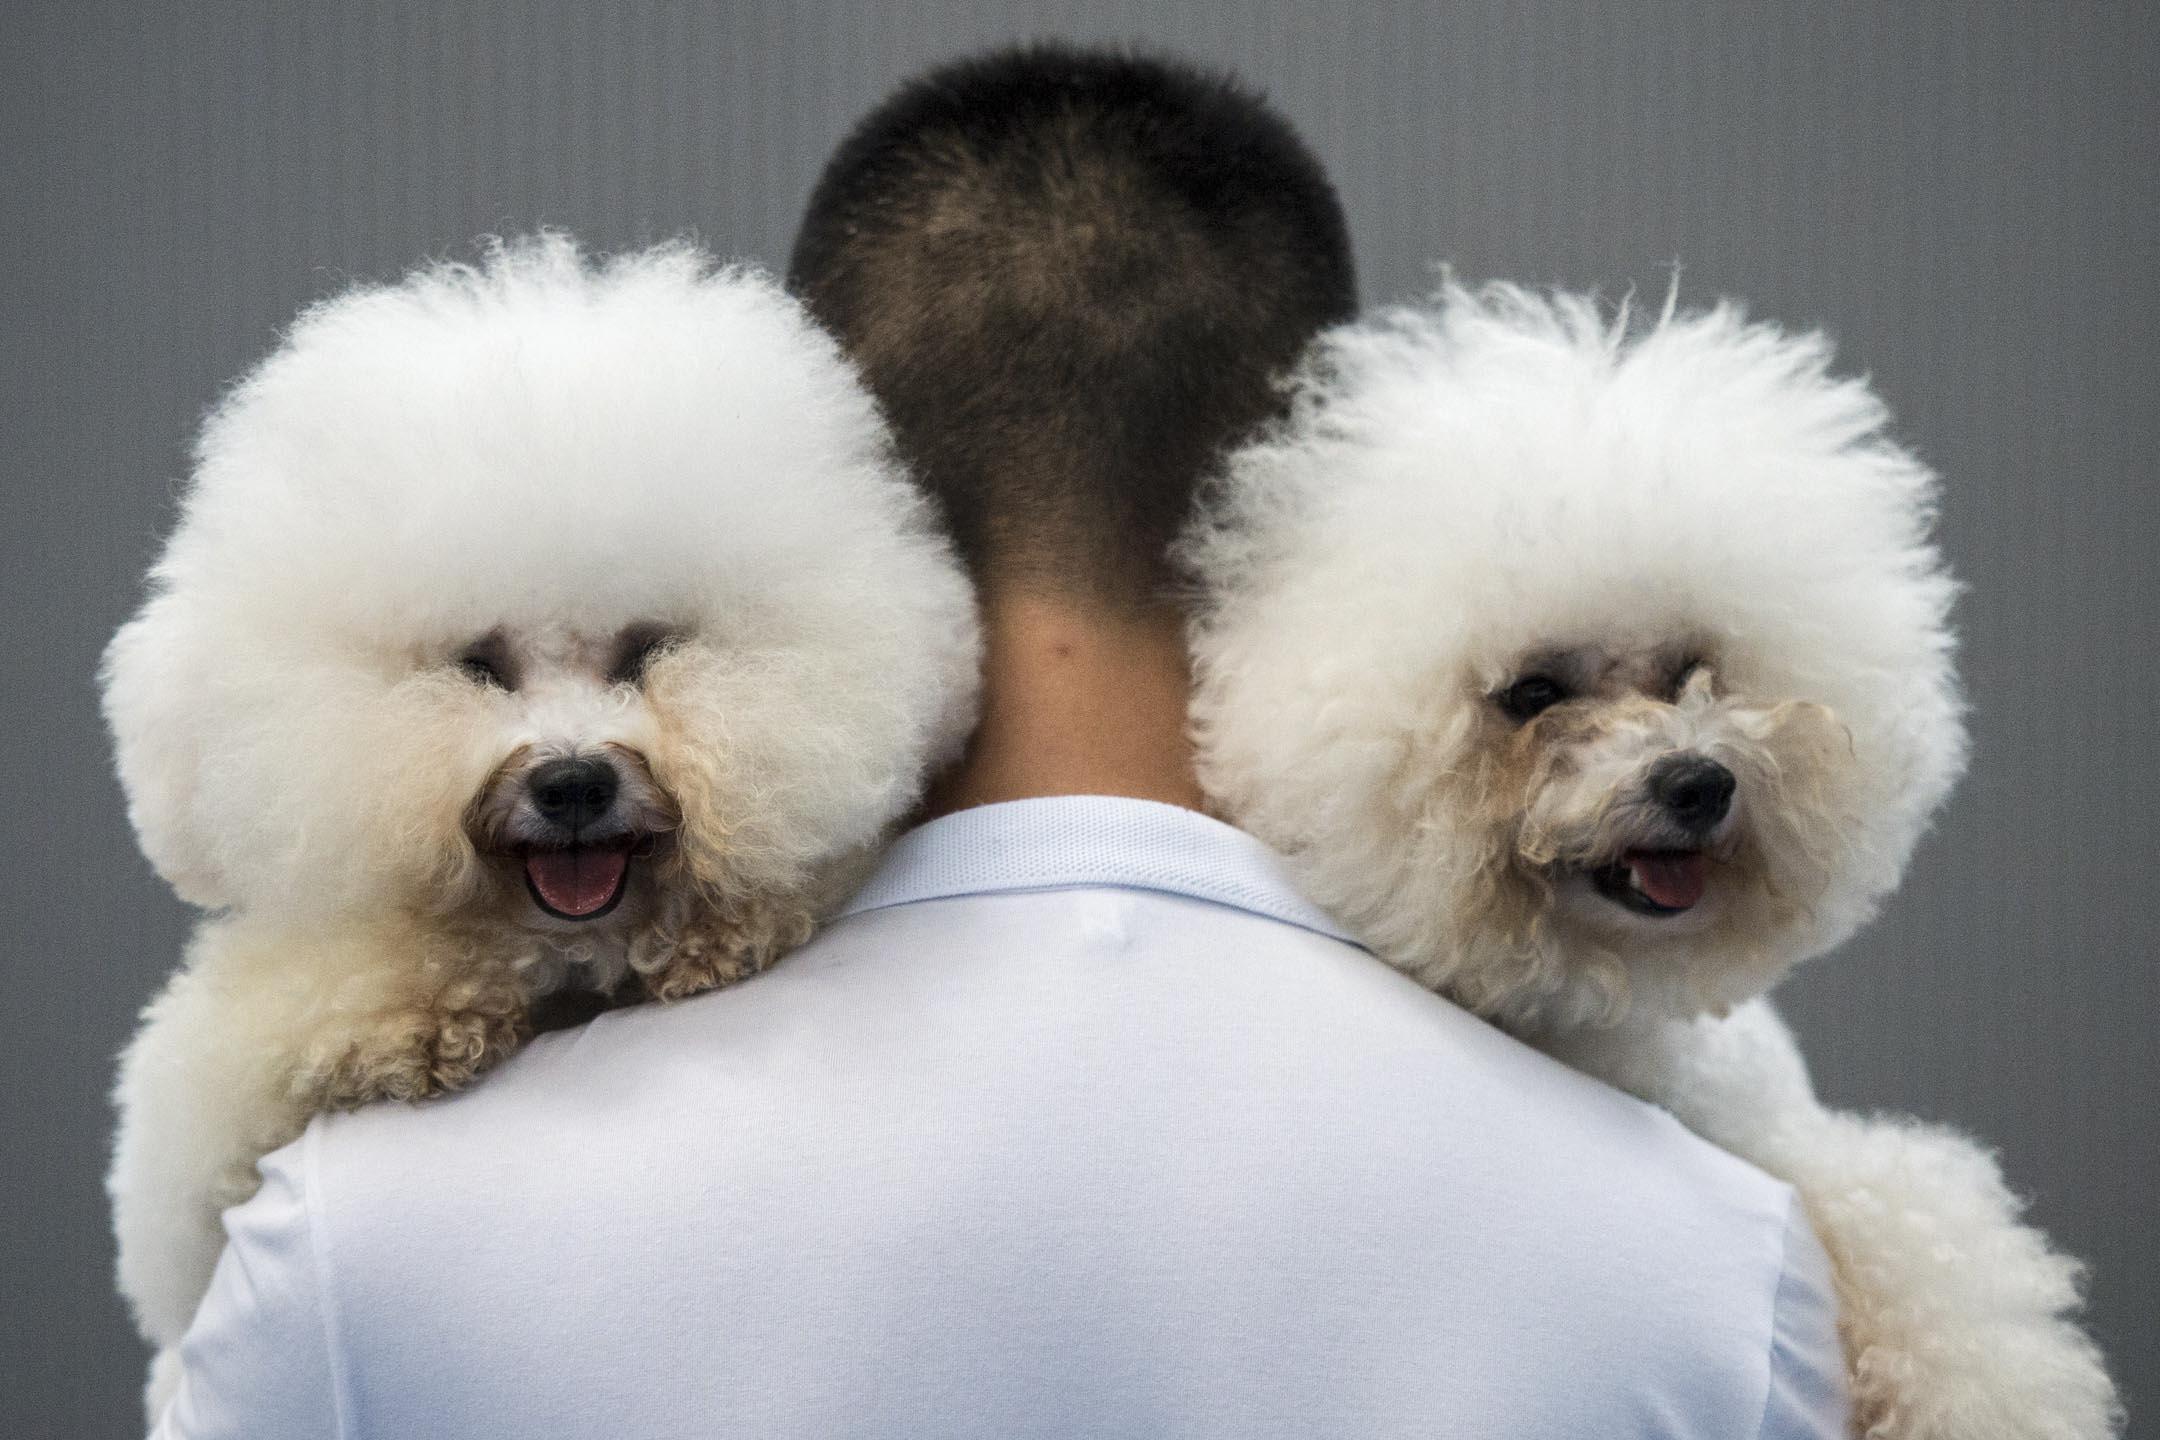 2018年11月,杭州啟動全市範圍內的「文明養犬」集中整治行動,打亂了養狗市民的生活節奏。緊隨杭州步伐,中國內地多個城市陸續開始實施限狗令,比起杭州的嚴苛程度有過之而無不及。圖為杭州一個關於狗的比賽活動上,一名男子手抱兩隻狗。 攝:Johannes Eisele/AFP/Getty Images